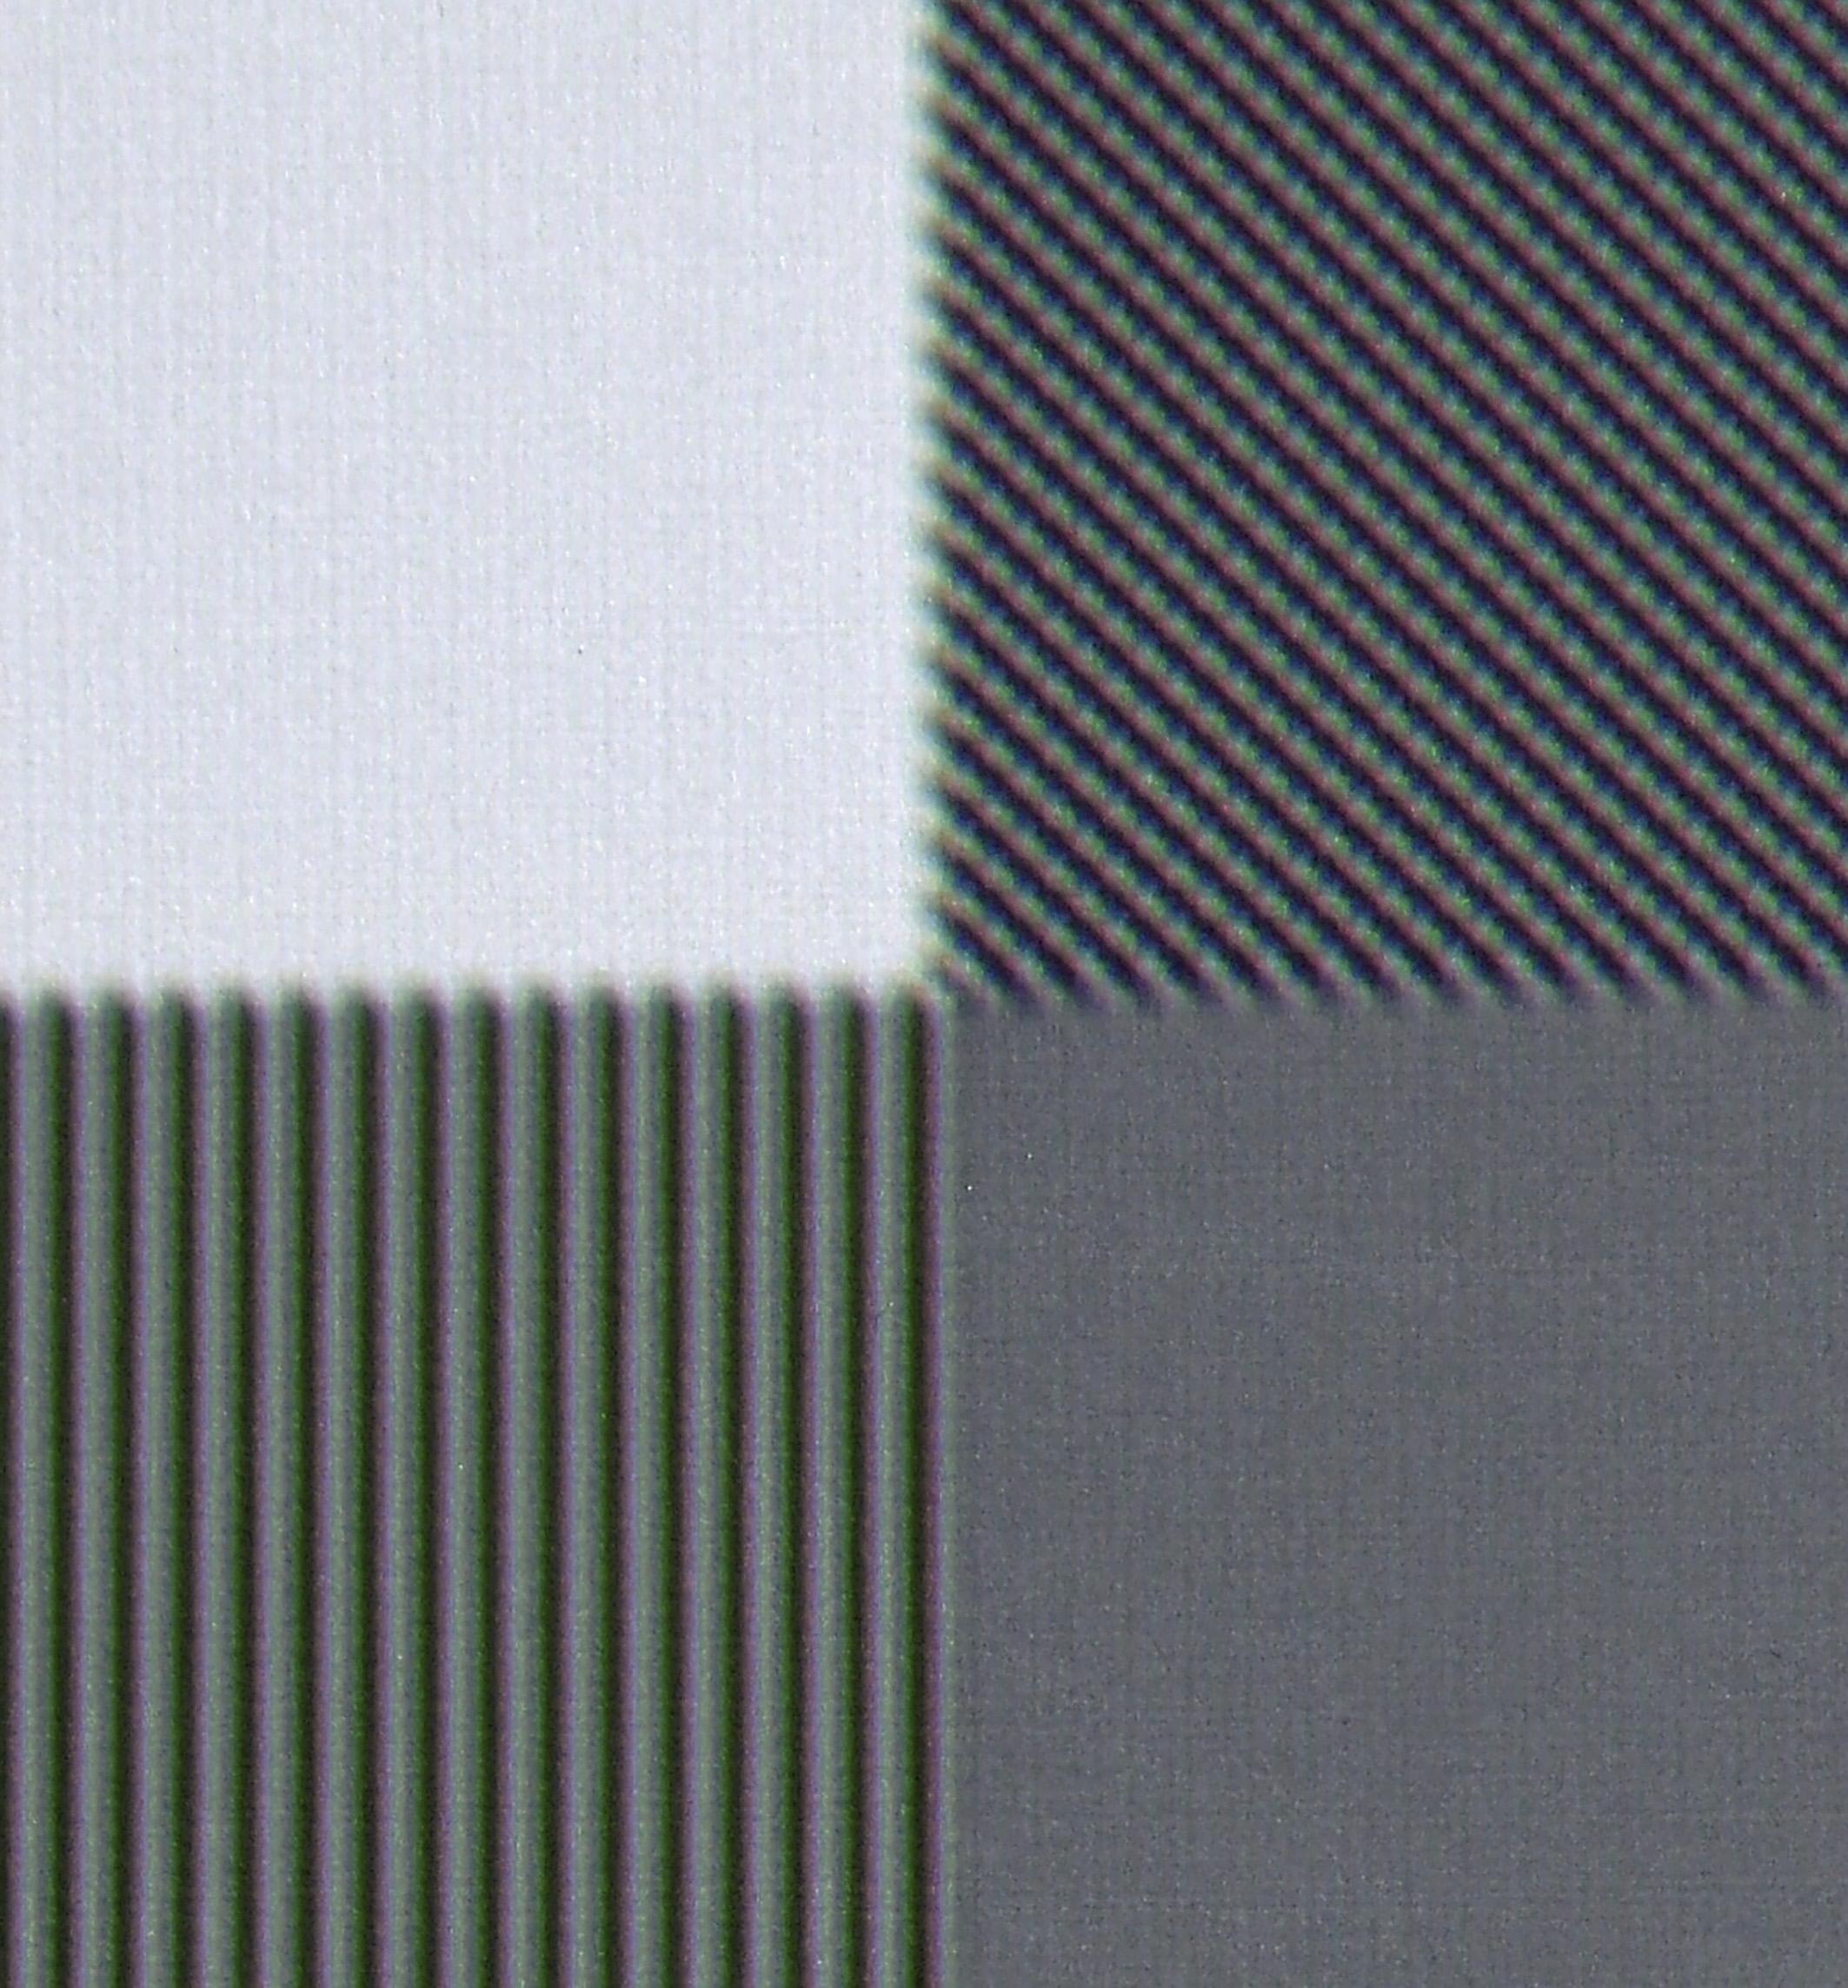 """UHD-Auflösung: Das von mir erstellte Testbild mit einem Schachbrettmuster in nativer UHD-Auflösung wird vom JVC DLA-X5500 schneeweiß projiziert. Aus physikalischen Gründen ist der Projektor nicht imstande, mittels Full-HD-Auflösung plus E-Shift-4 alle 3840 x 2160 Pixel abzubilden. Stattdessen entscheidet sich E-Shift-4 offensichtlich für zwei """"Weiße Pixel"""" des UHD-Schachbretts."""